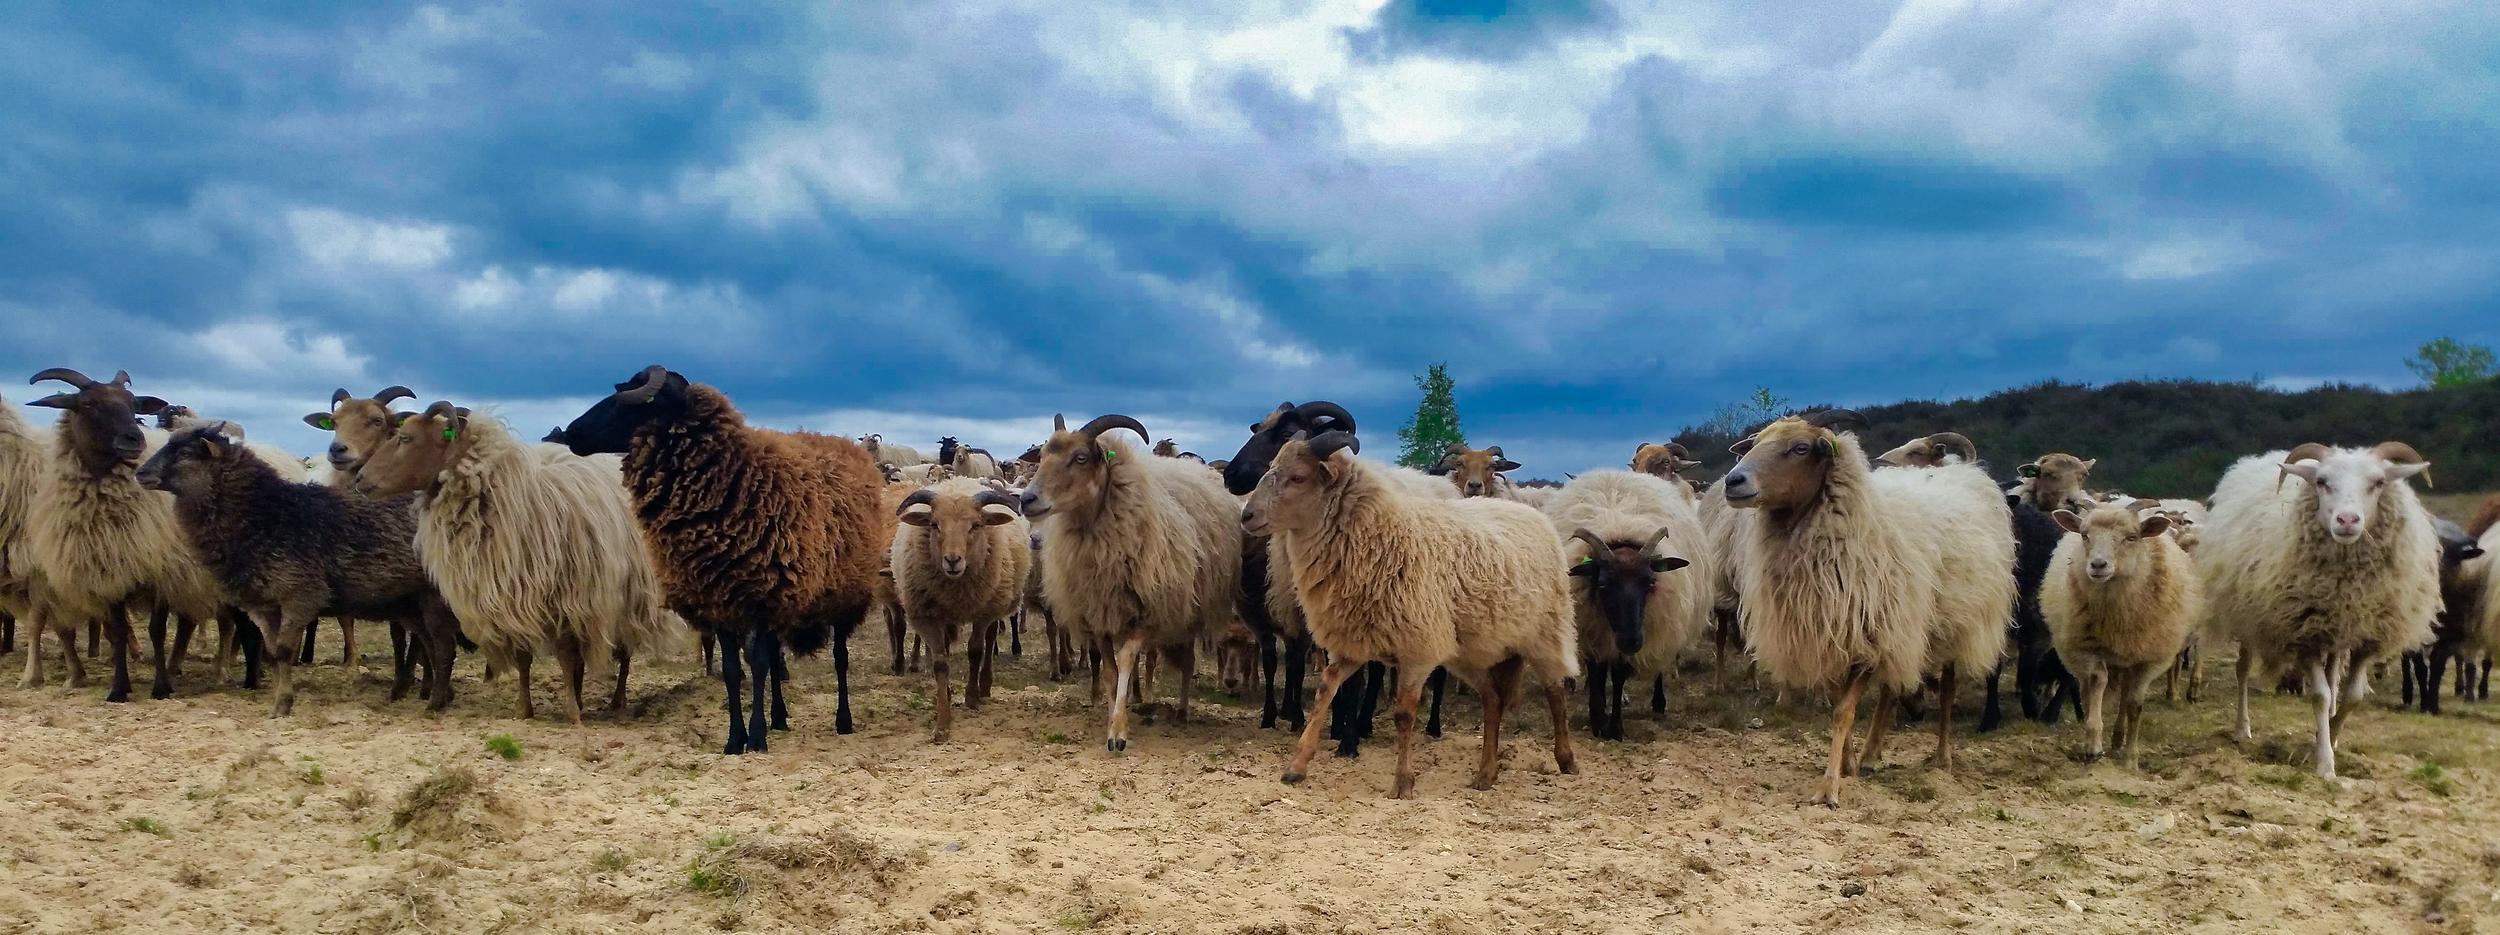 schapen.png